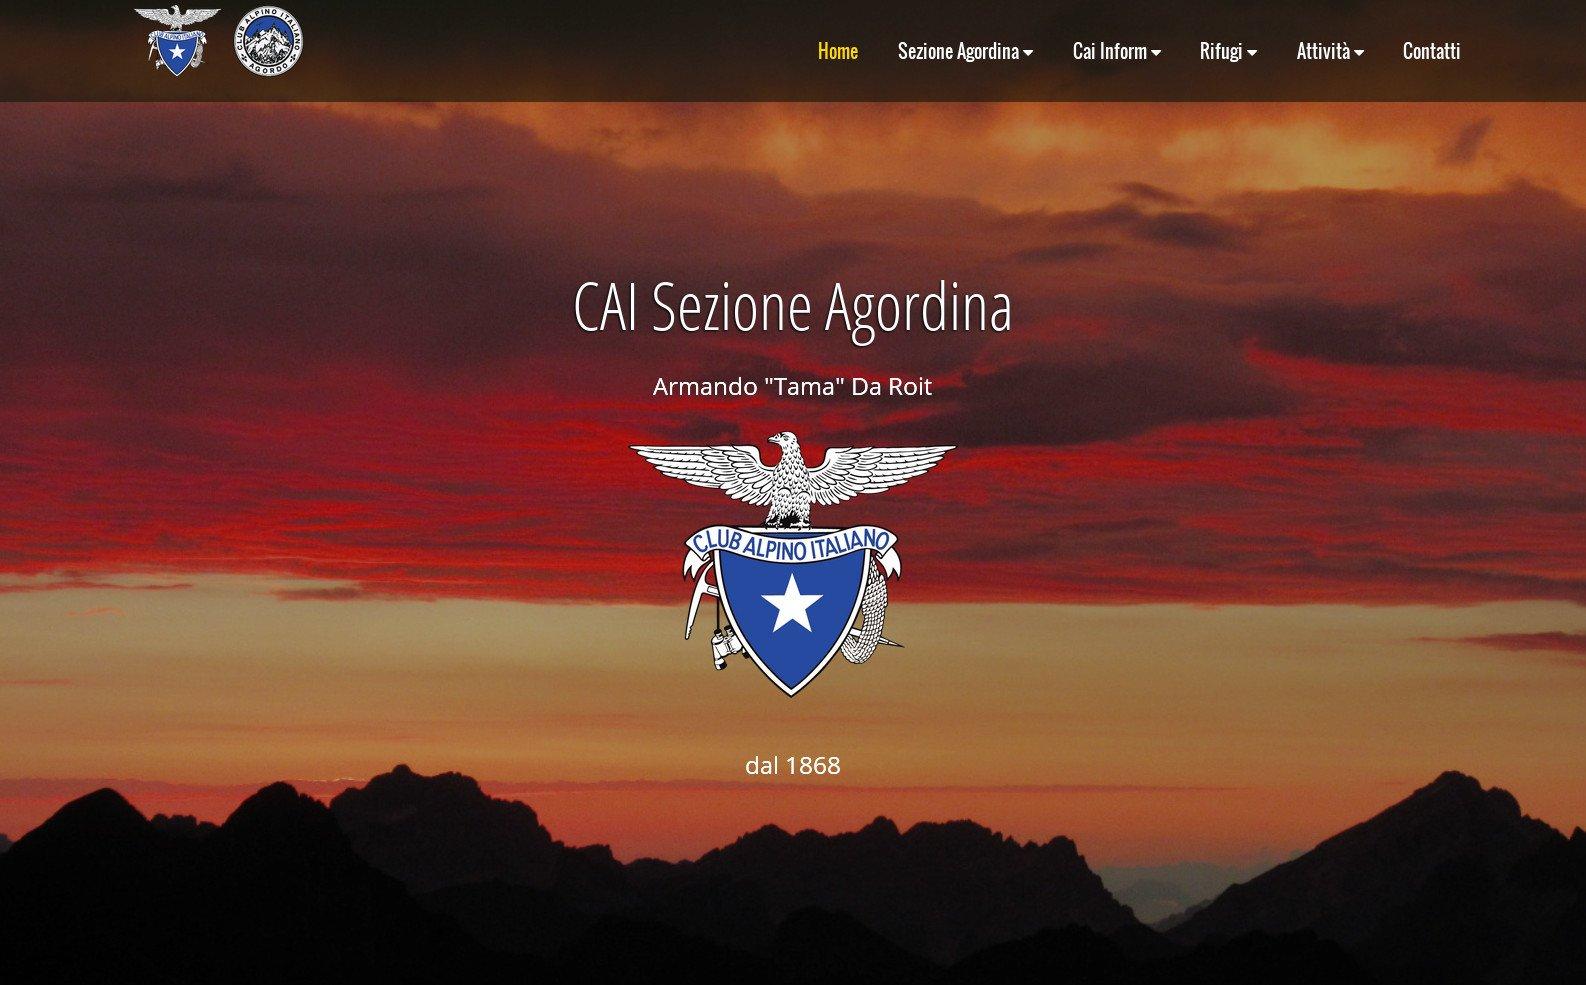 Nuovo sito per la Sezione Agordina del CAI